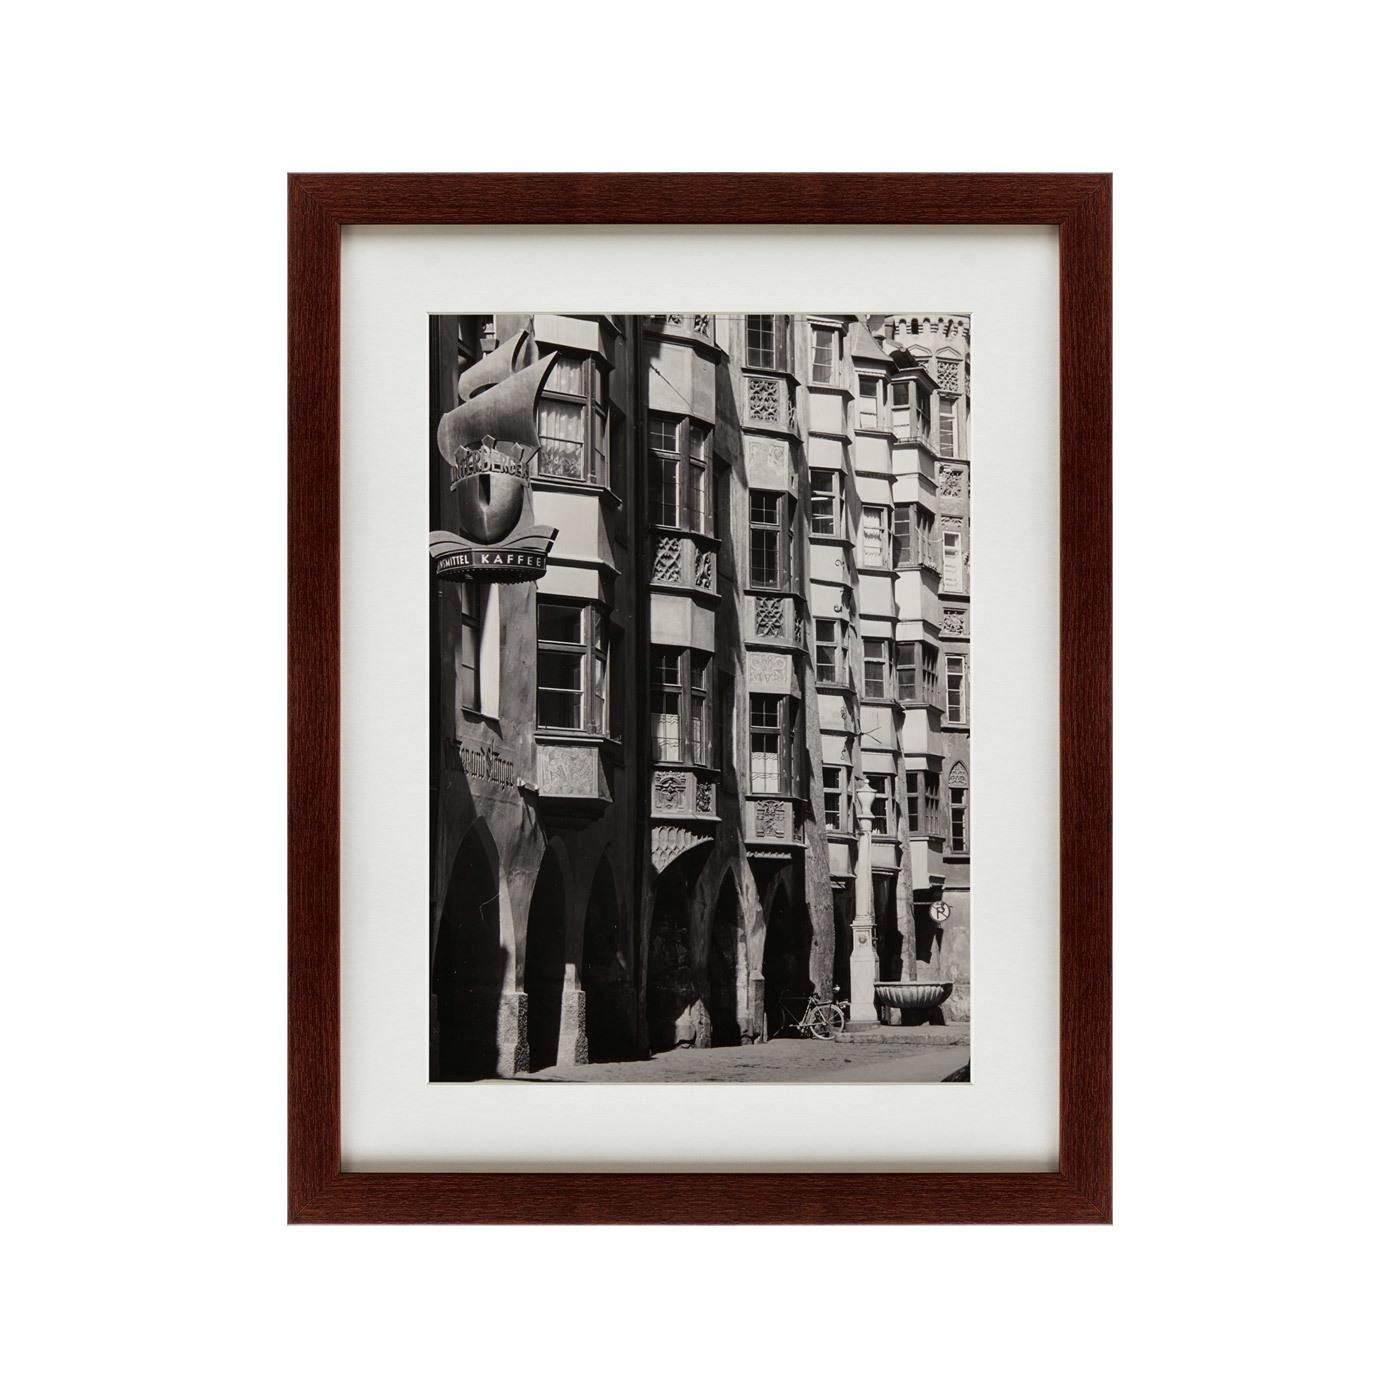 {} Картины в Квартиру Картина Инсбрук (47х60 см) картины в квартиру картина спил 2 47х60 см